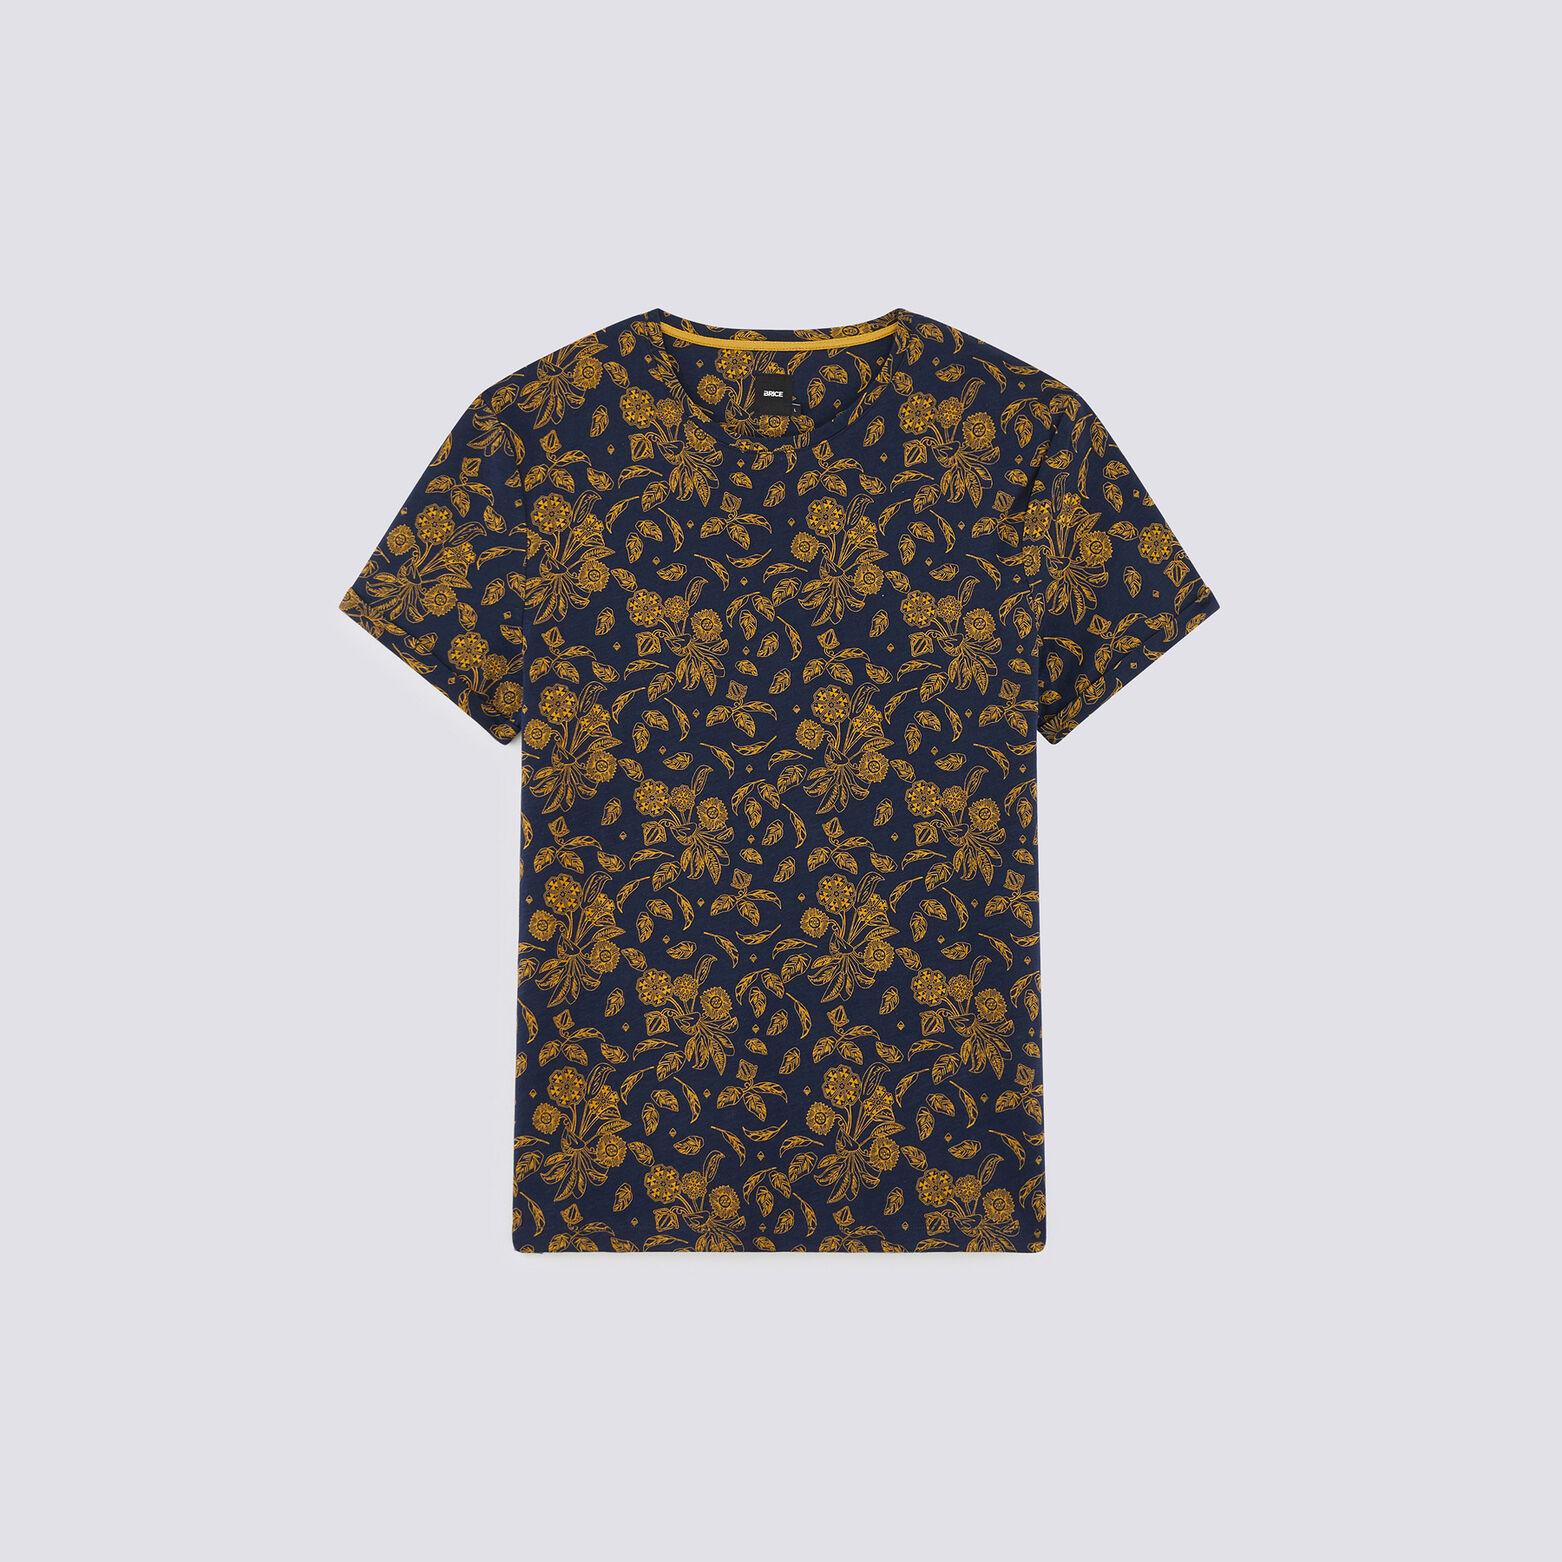 T-shirt all over grosses fleurs